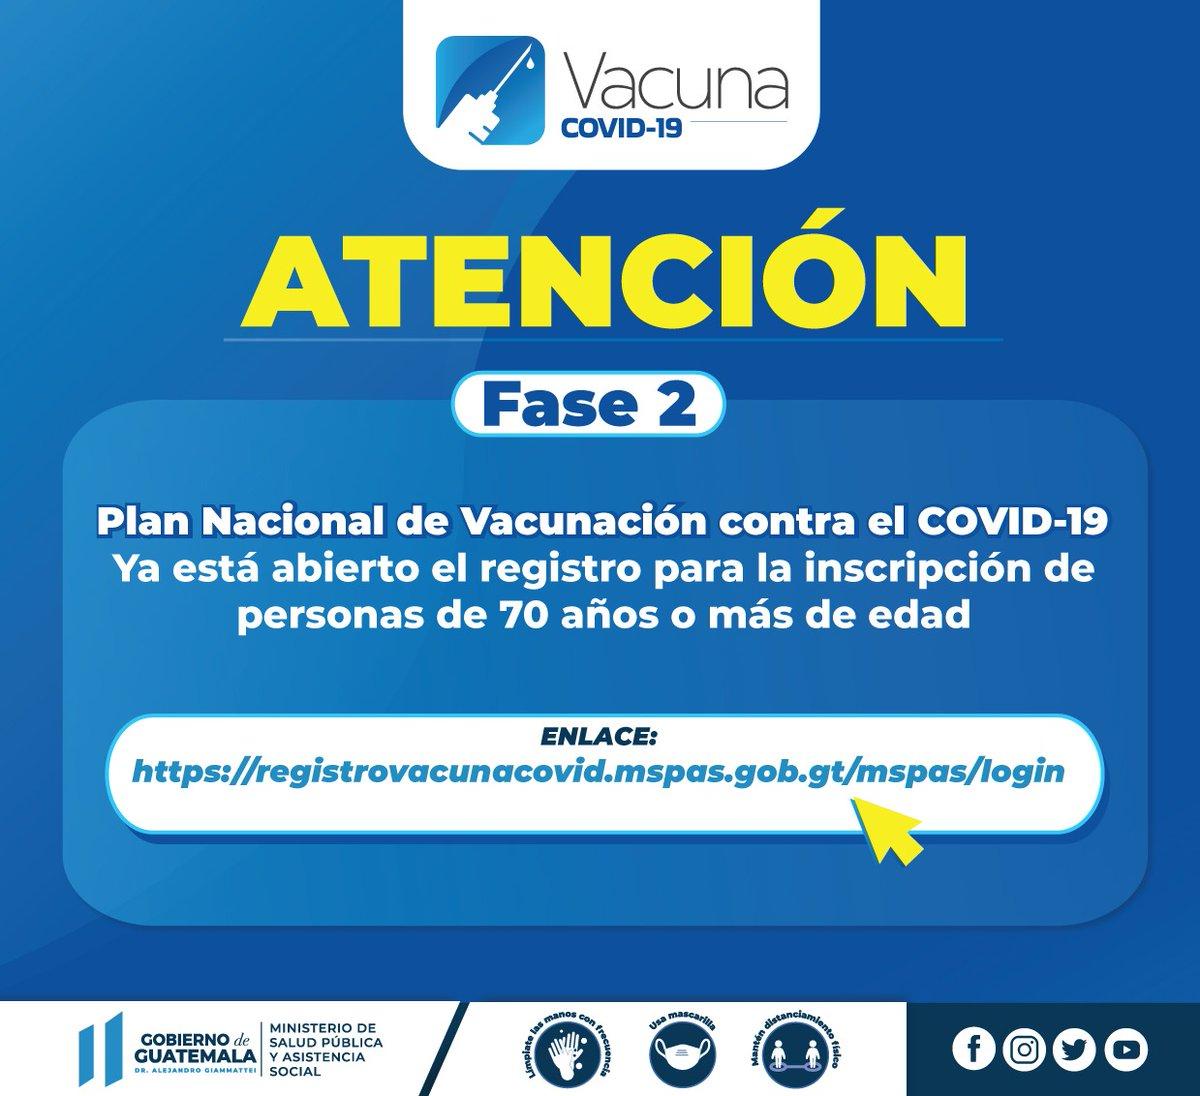 """Ministerio de Salud Pública on Twitter: """"⚠️ATENCIÓN⚠️ Fase 2   #PlanVacunaCOVID19 Si tiene 70 años o más de edad regístrese aquí para programar su vacunación contra el #COVID19. https://t.co/iin4LFas0r… https://t.co/fmoaCkfq1I"""""""